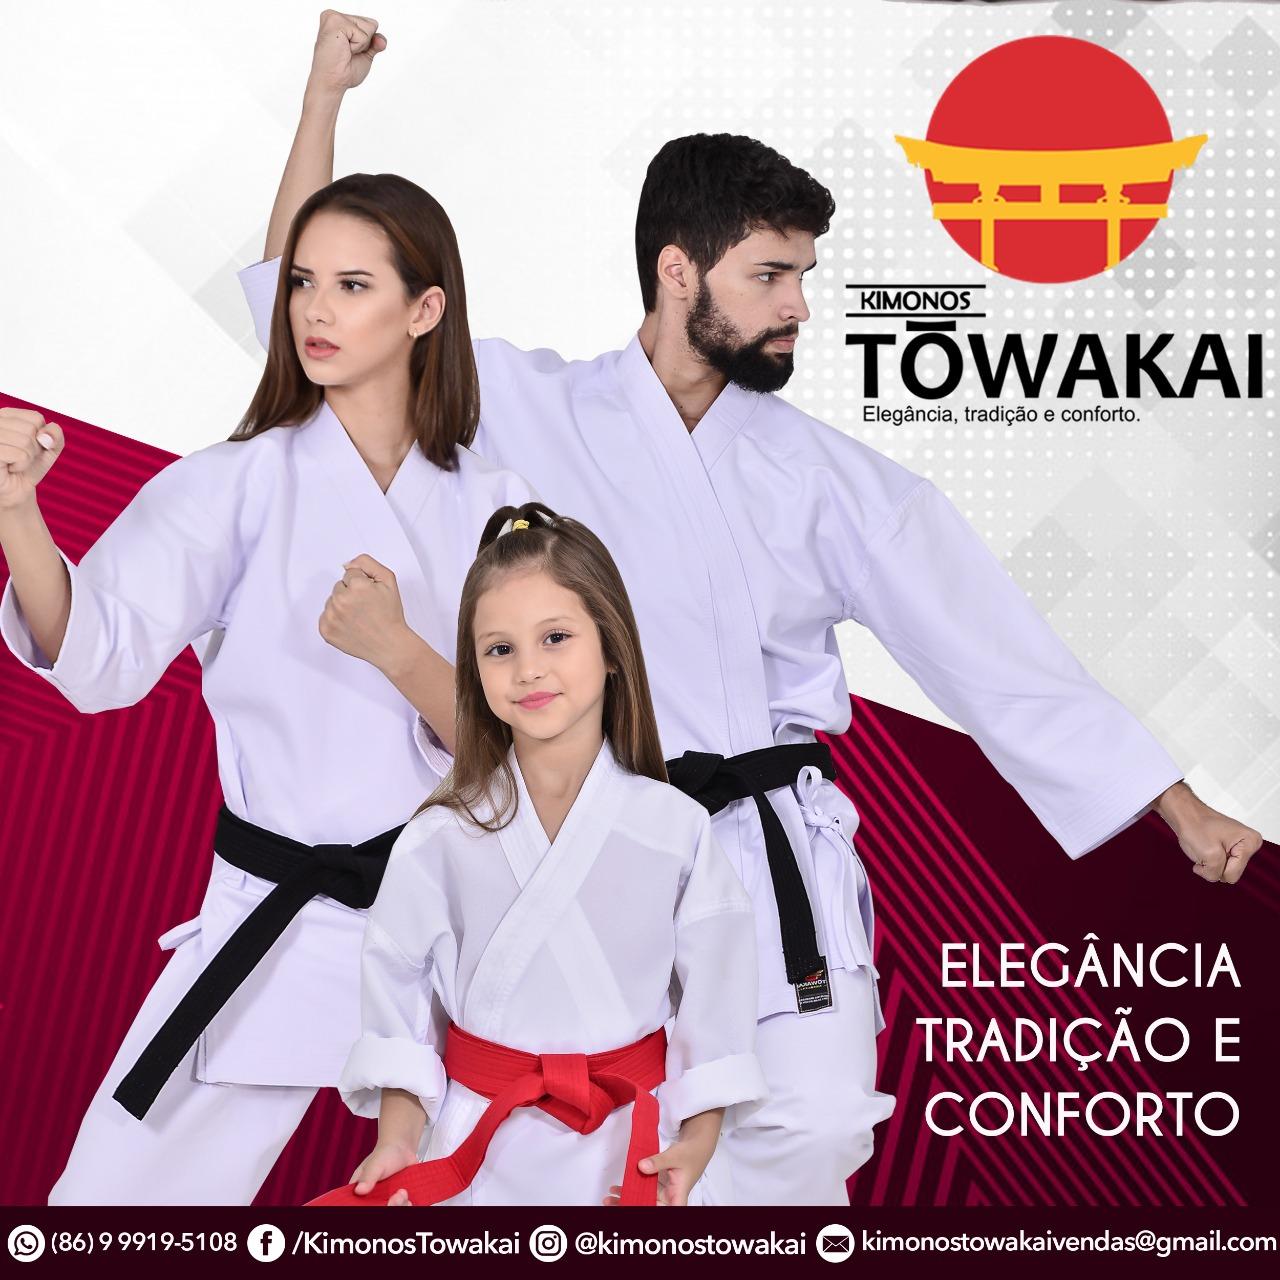 Kimonos e dogi towakai , loja especializada em uniformes para karate